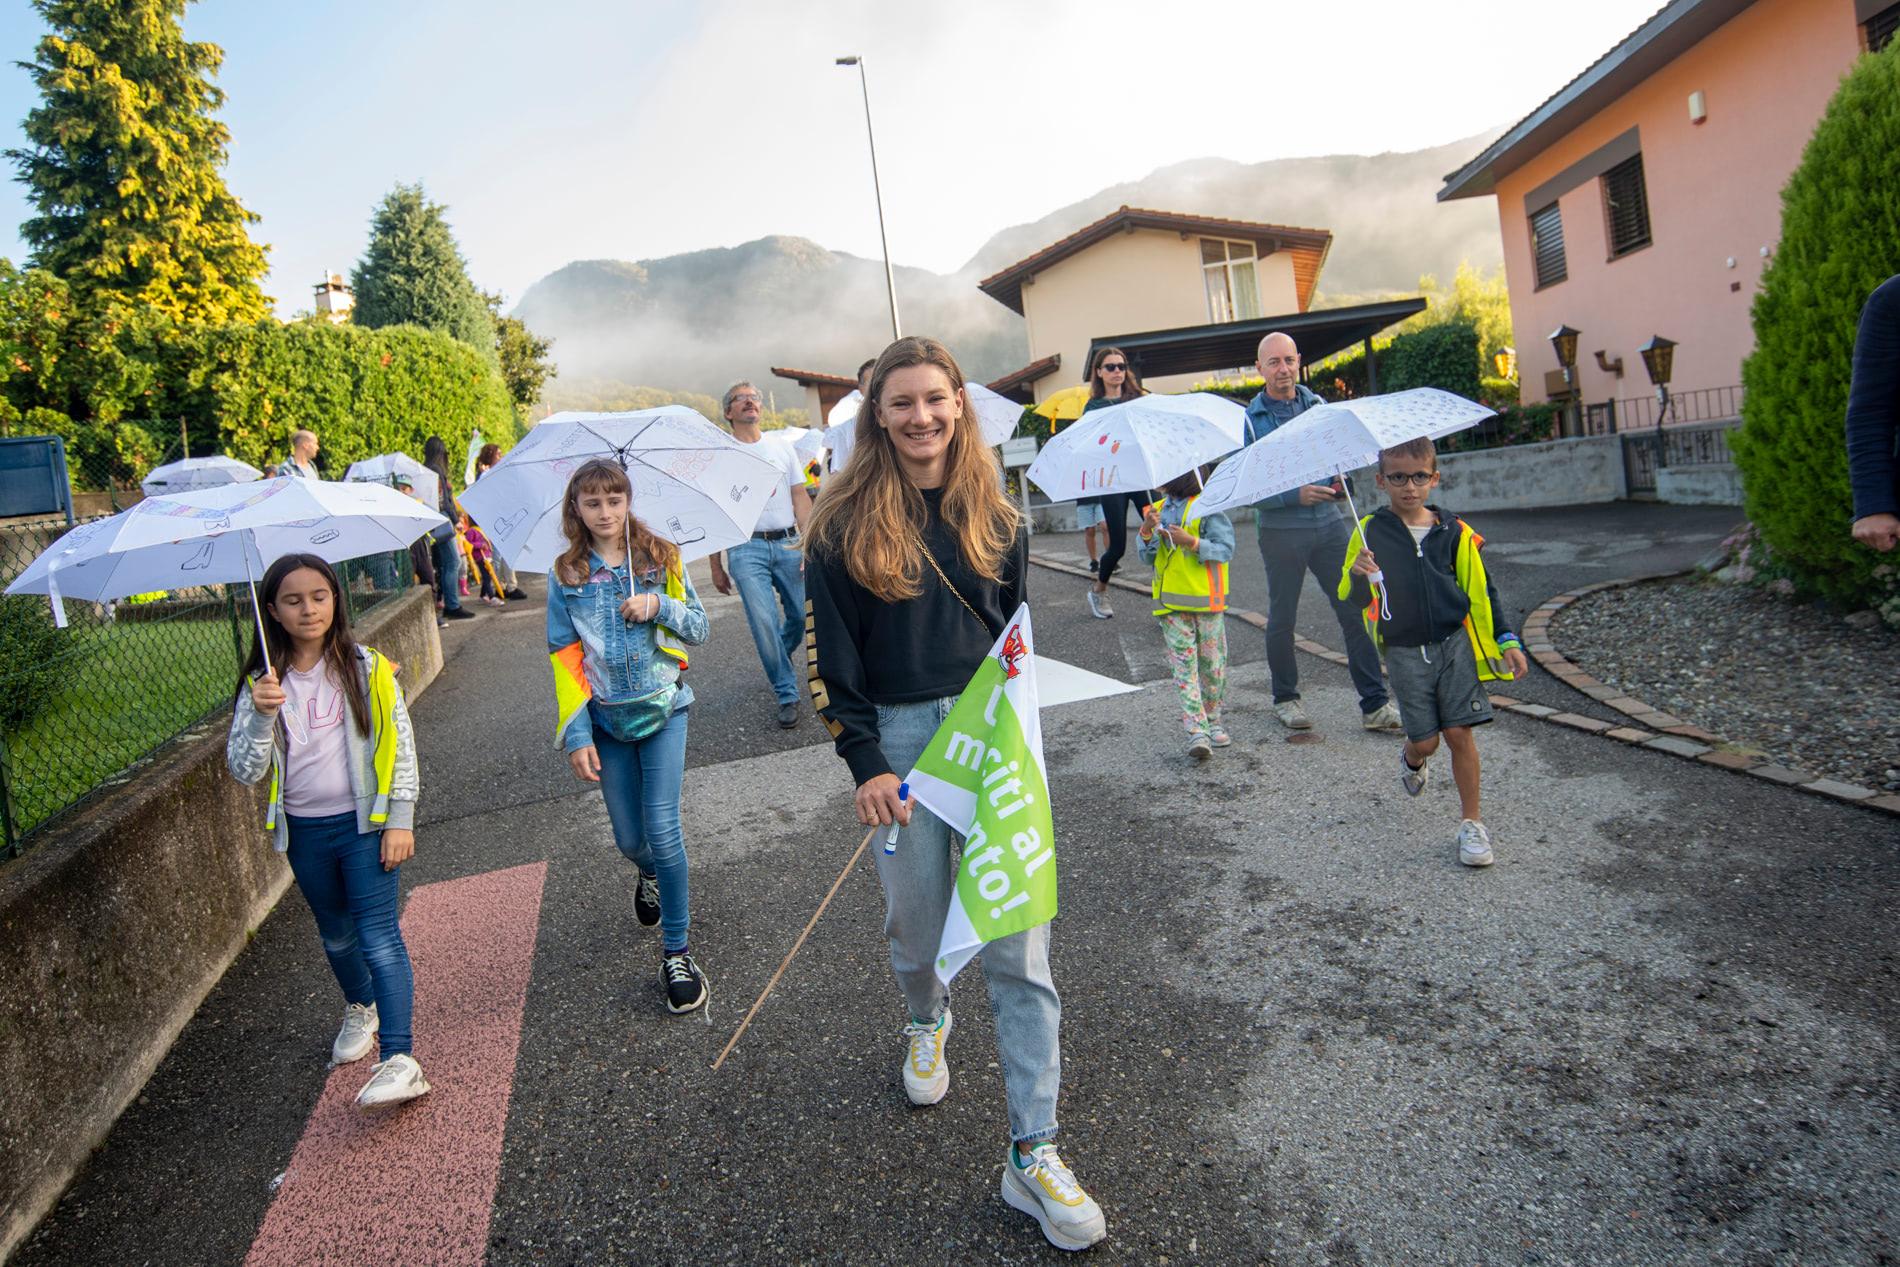 Giornata internazionale a scuola a piedi 2021: uno straordinario successo!